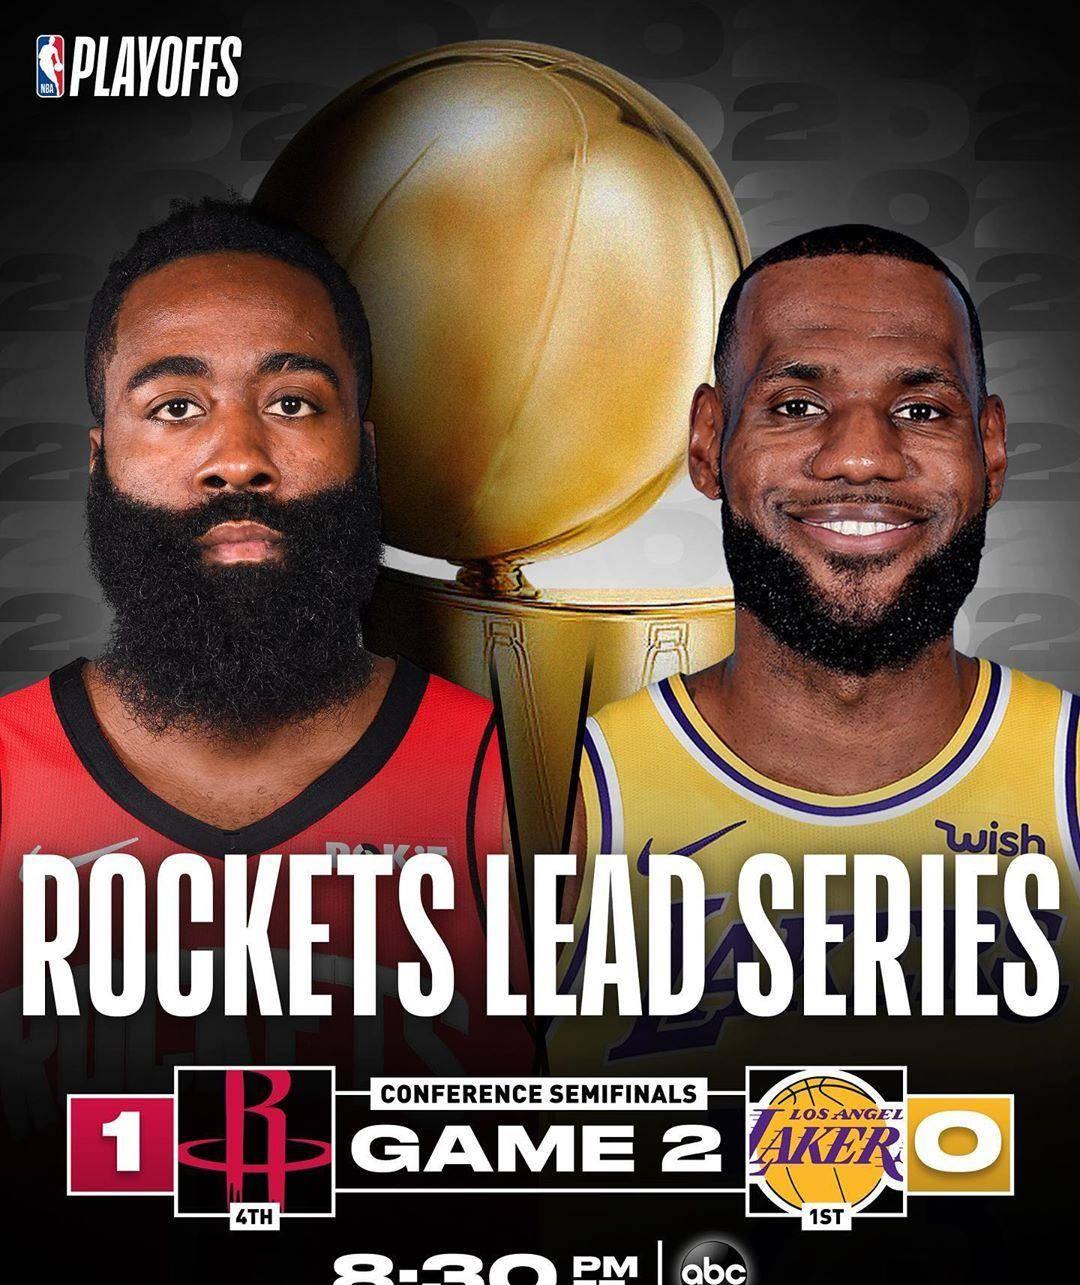 9月7日NBA半决赛G2湖人vs火箭视频直播,湖人vs火箭全场录像回放